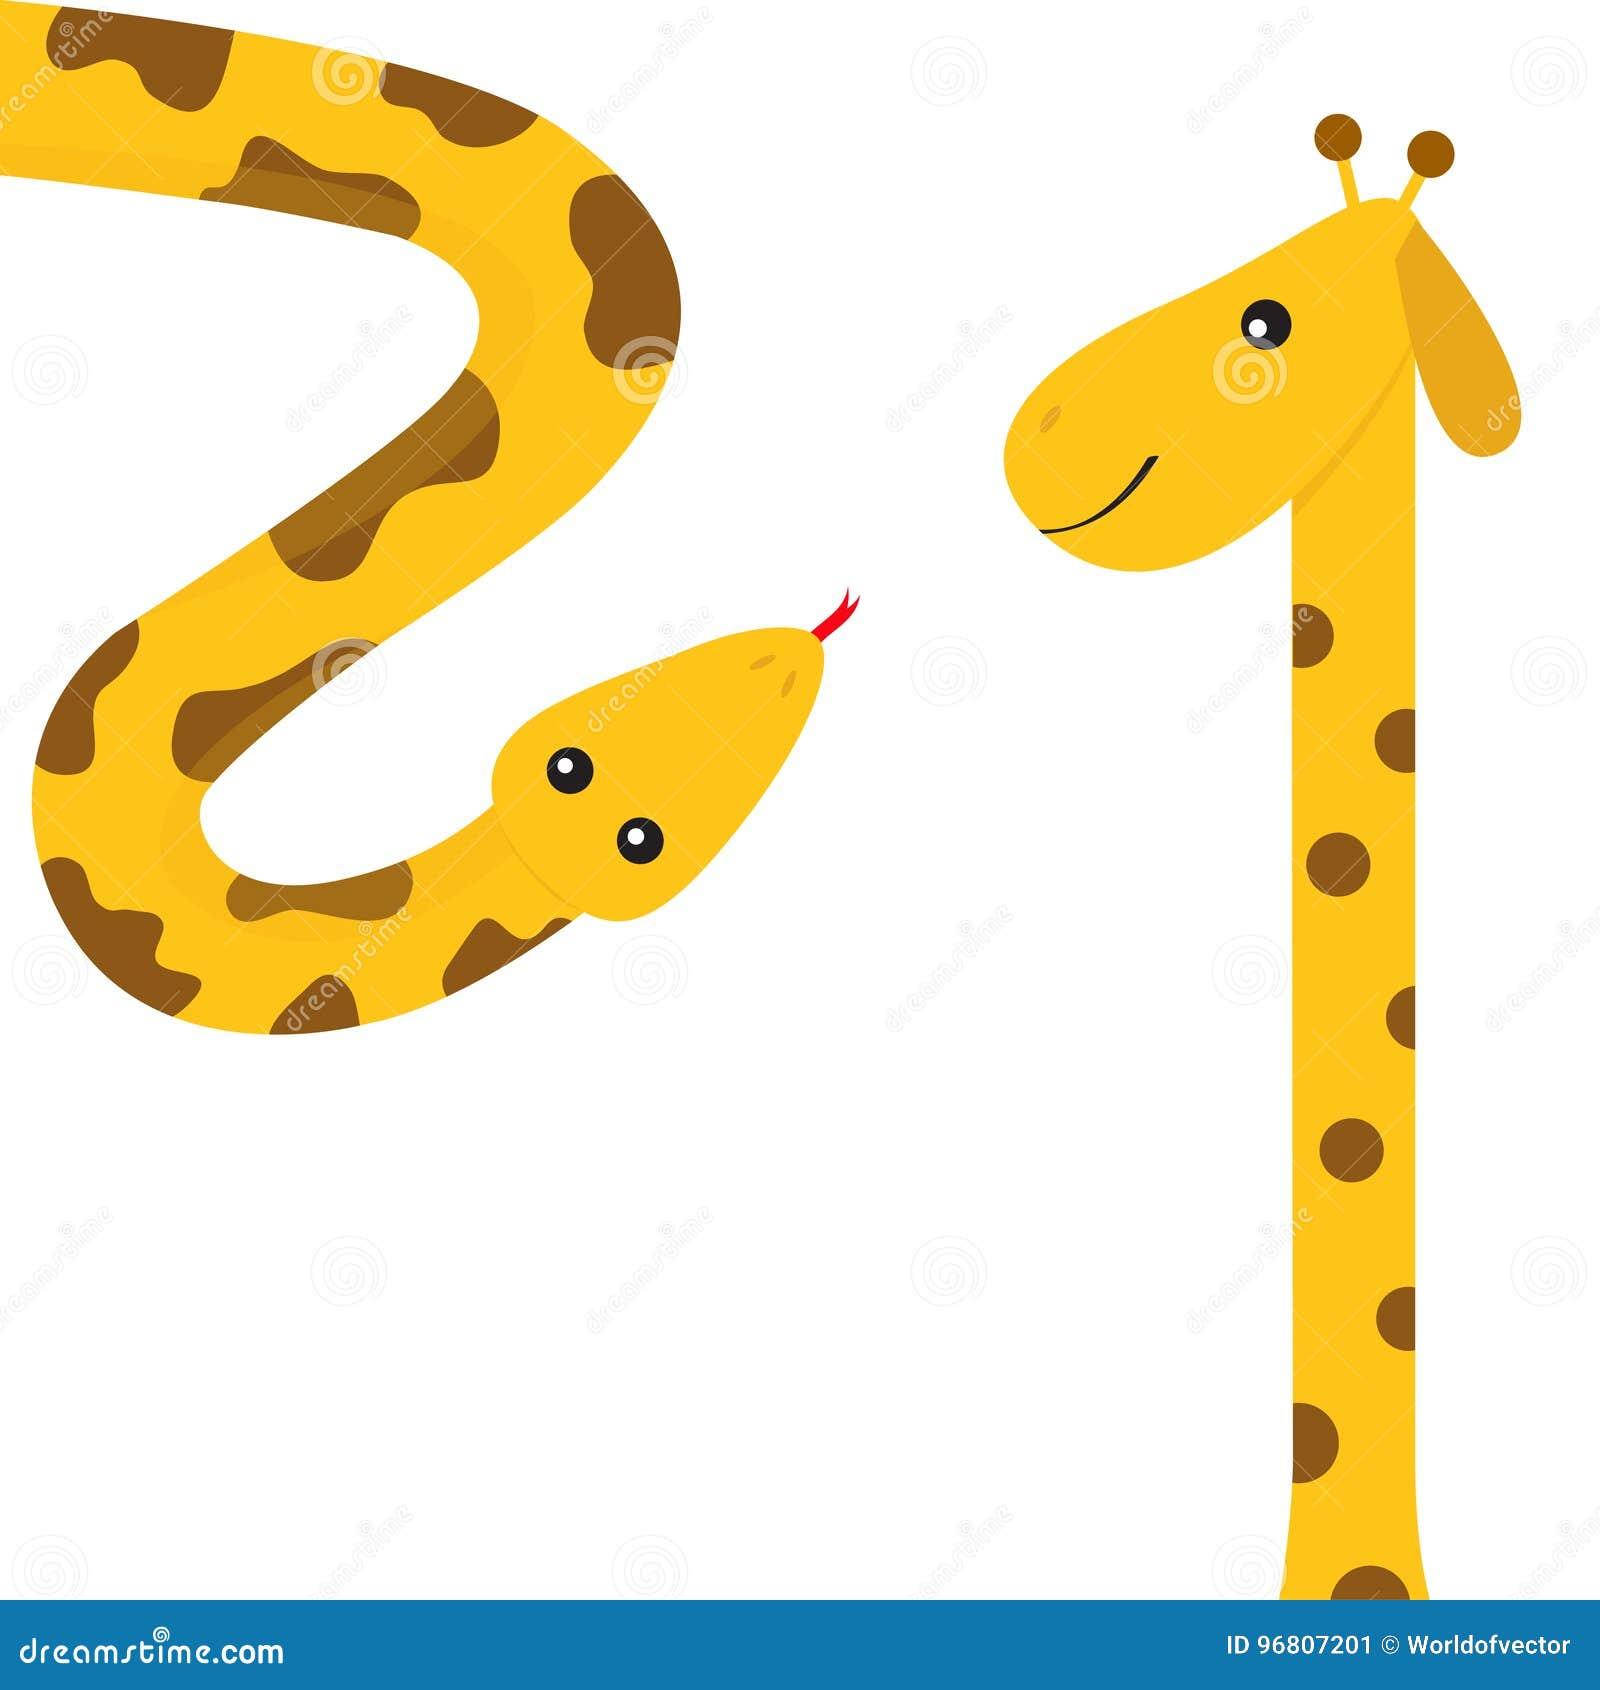 Gelbe Karte Lustig.Giraffe Mit Stelle Langer Stutzen Rote Zunge Der Gelben